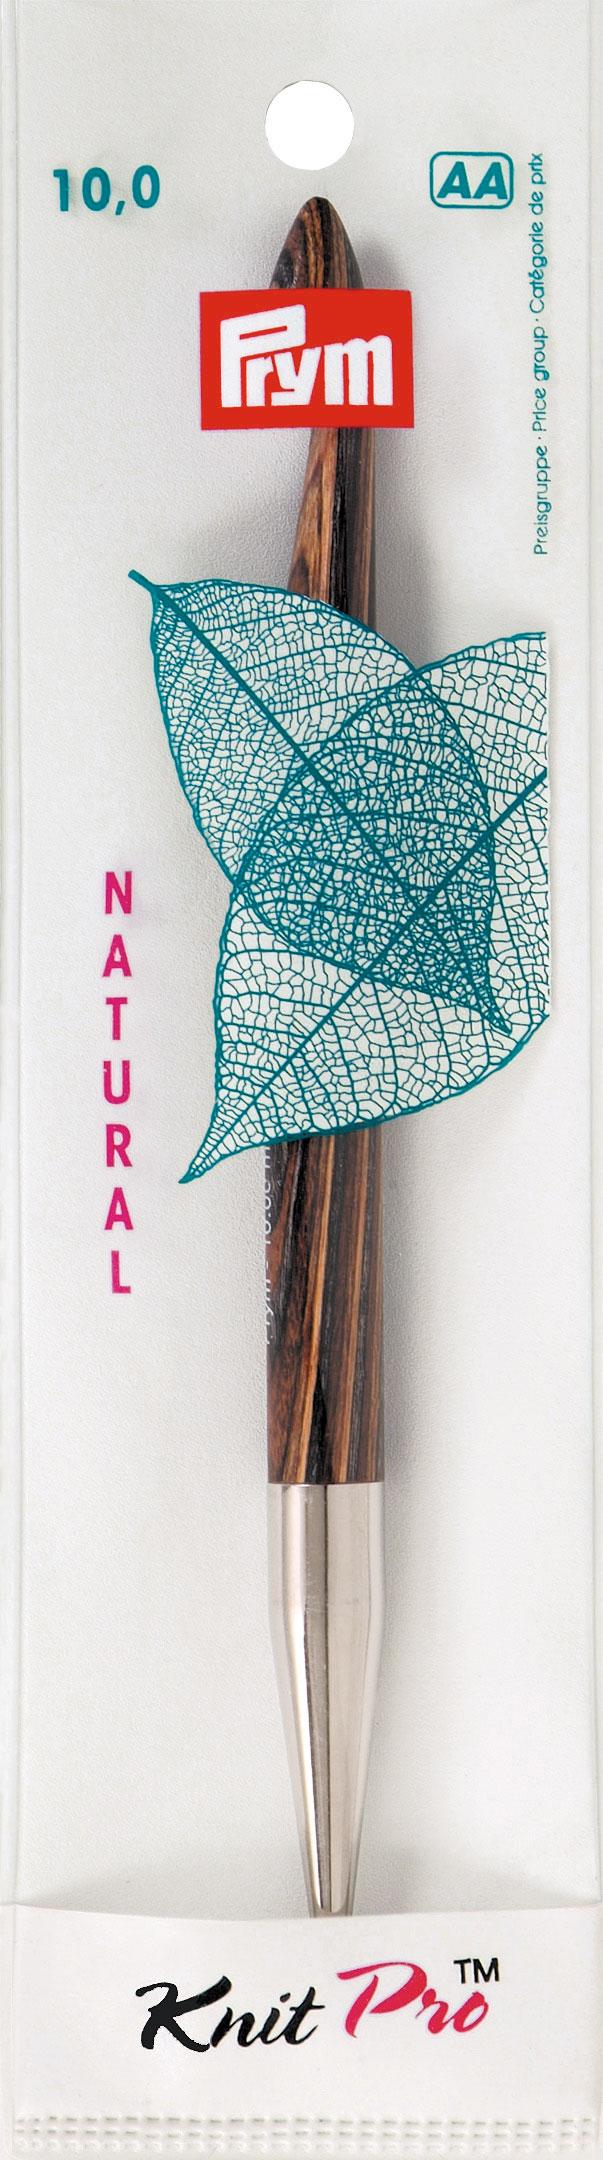 Крючок для тунисского вязания Prym Natural, съемный, диаметр 10 мм, длина 15 см223711Крючок Prym Natural изготовлен из дерева с металлическим наконечником. Он предназначен для тунисского вязания. Вязание тунисским крючком производится только по одной лицевой стороне и этим отличается от вязки обыкновенным крючком. Вы сможете вязать для себя и делать подарки друзьям. Рукоделие всегда считалось изысканным, благородным делом. Работа, сделанная своими руками, долго будет радовать вас и ваших близких. Подарок, выполненный собственноручно, станет самым ценным для друзей и знакомых. Диаметр: 10 мм. Длина: 15 см. Материал: дерево, металл.